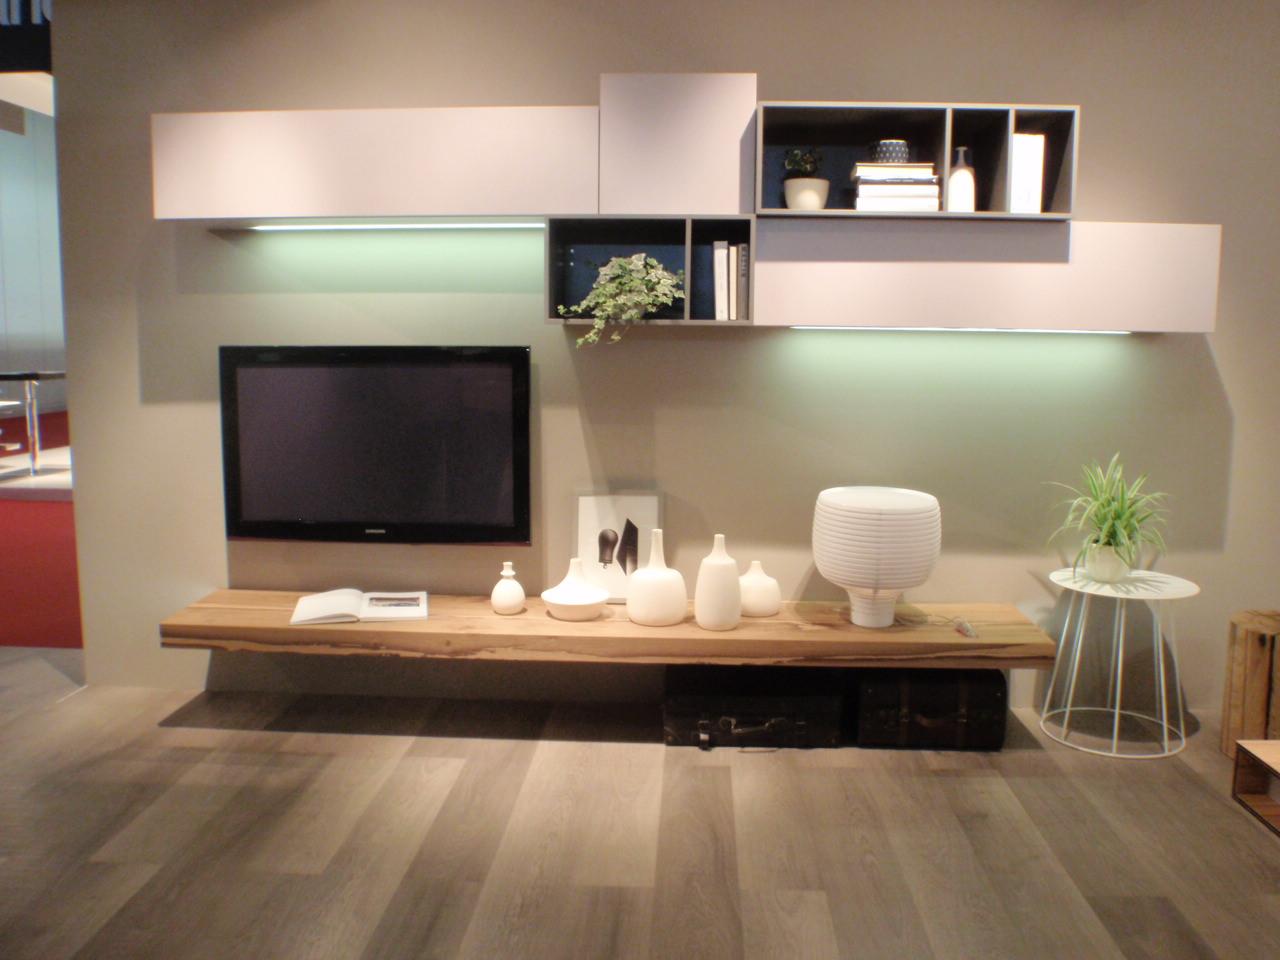 casa immobiliare accessori complementi d arredo soggiorno